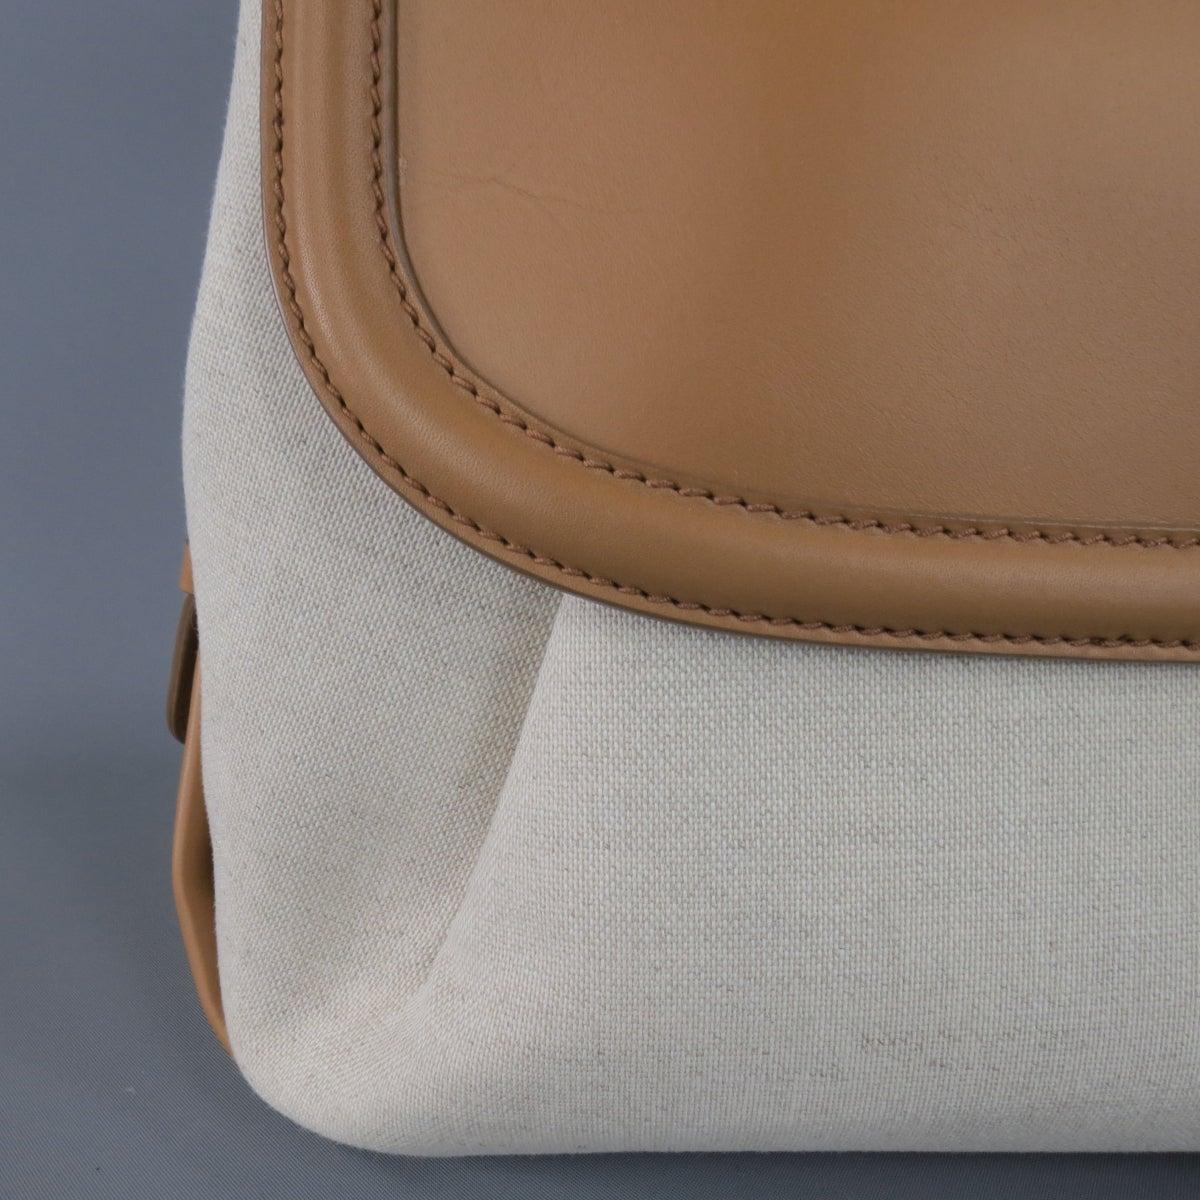 bcedfc3459e8 SALVATORE FERRAGAMO Beige Canvas Brown Leather FIAMMA North South Handbag at  1stdibs